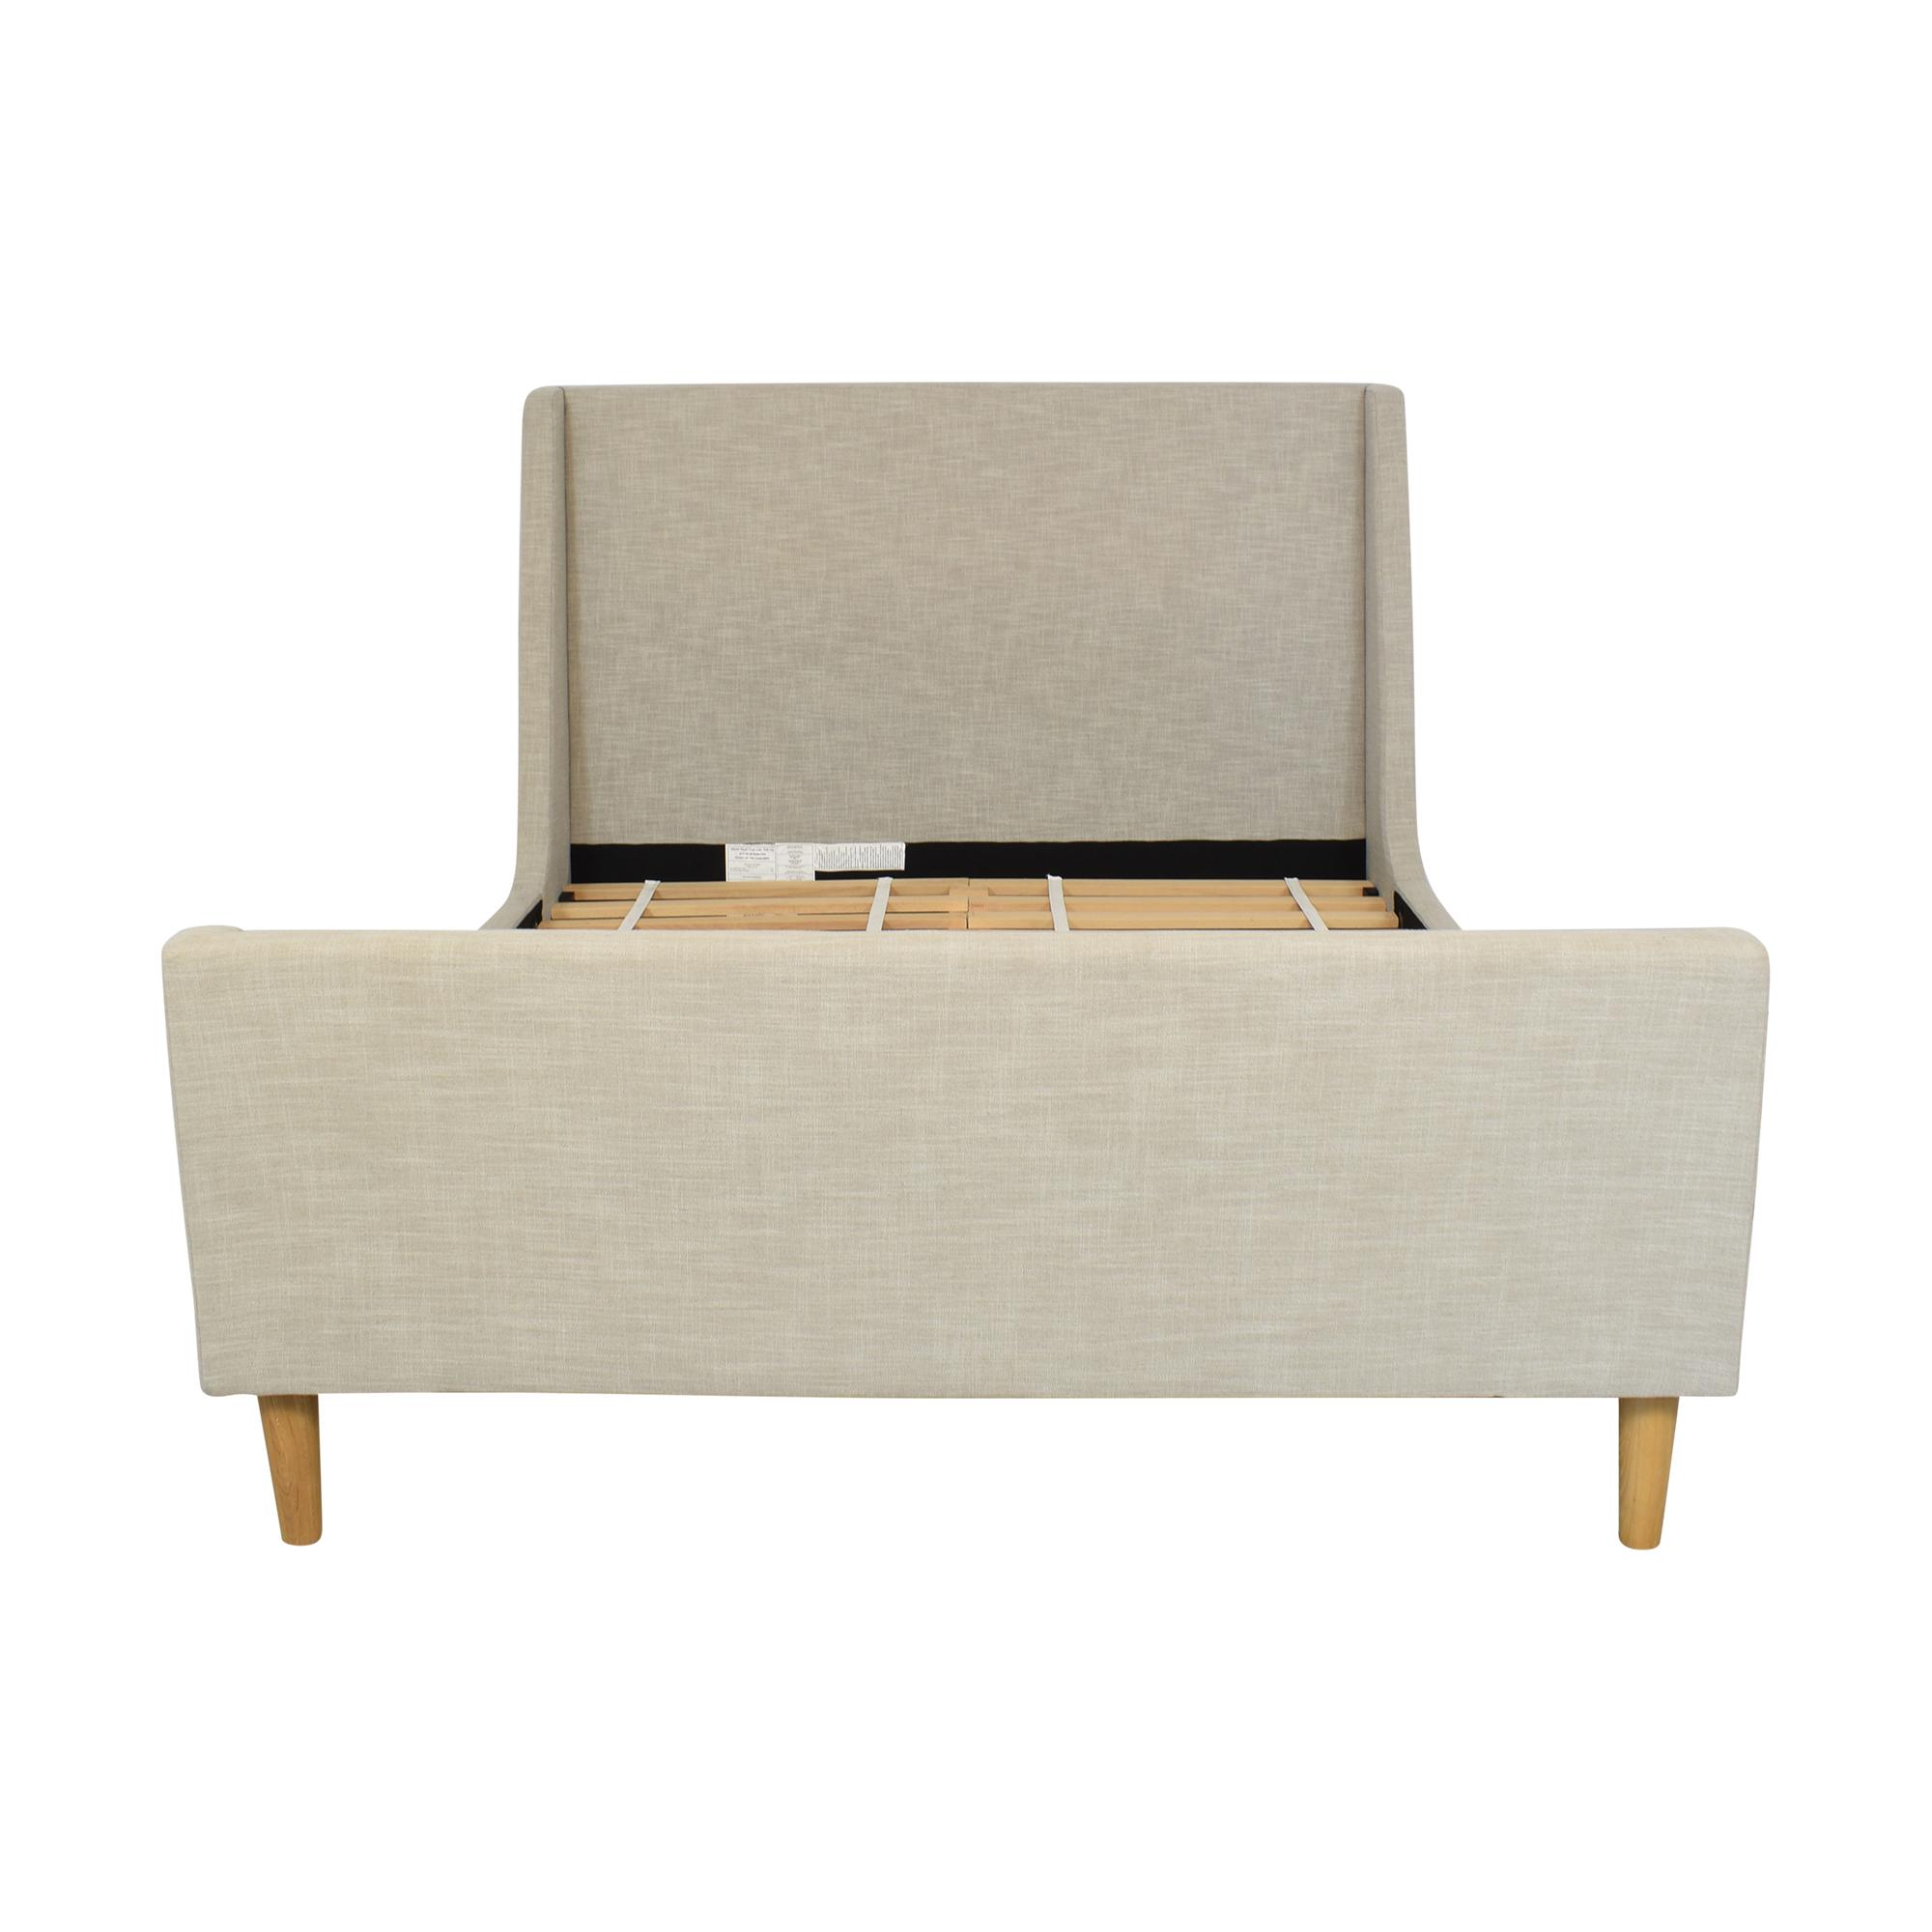 West Elm West Elm Queen Upholstered Sleigh Bed discount